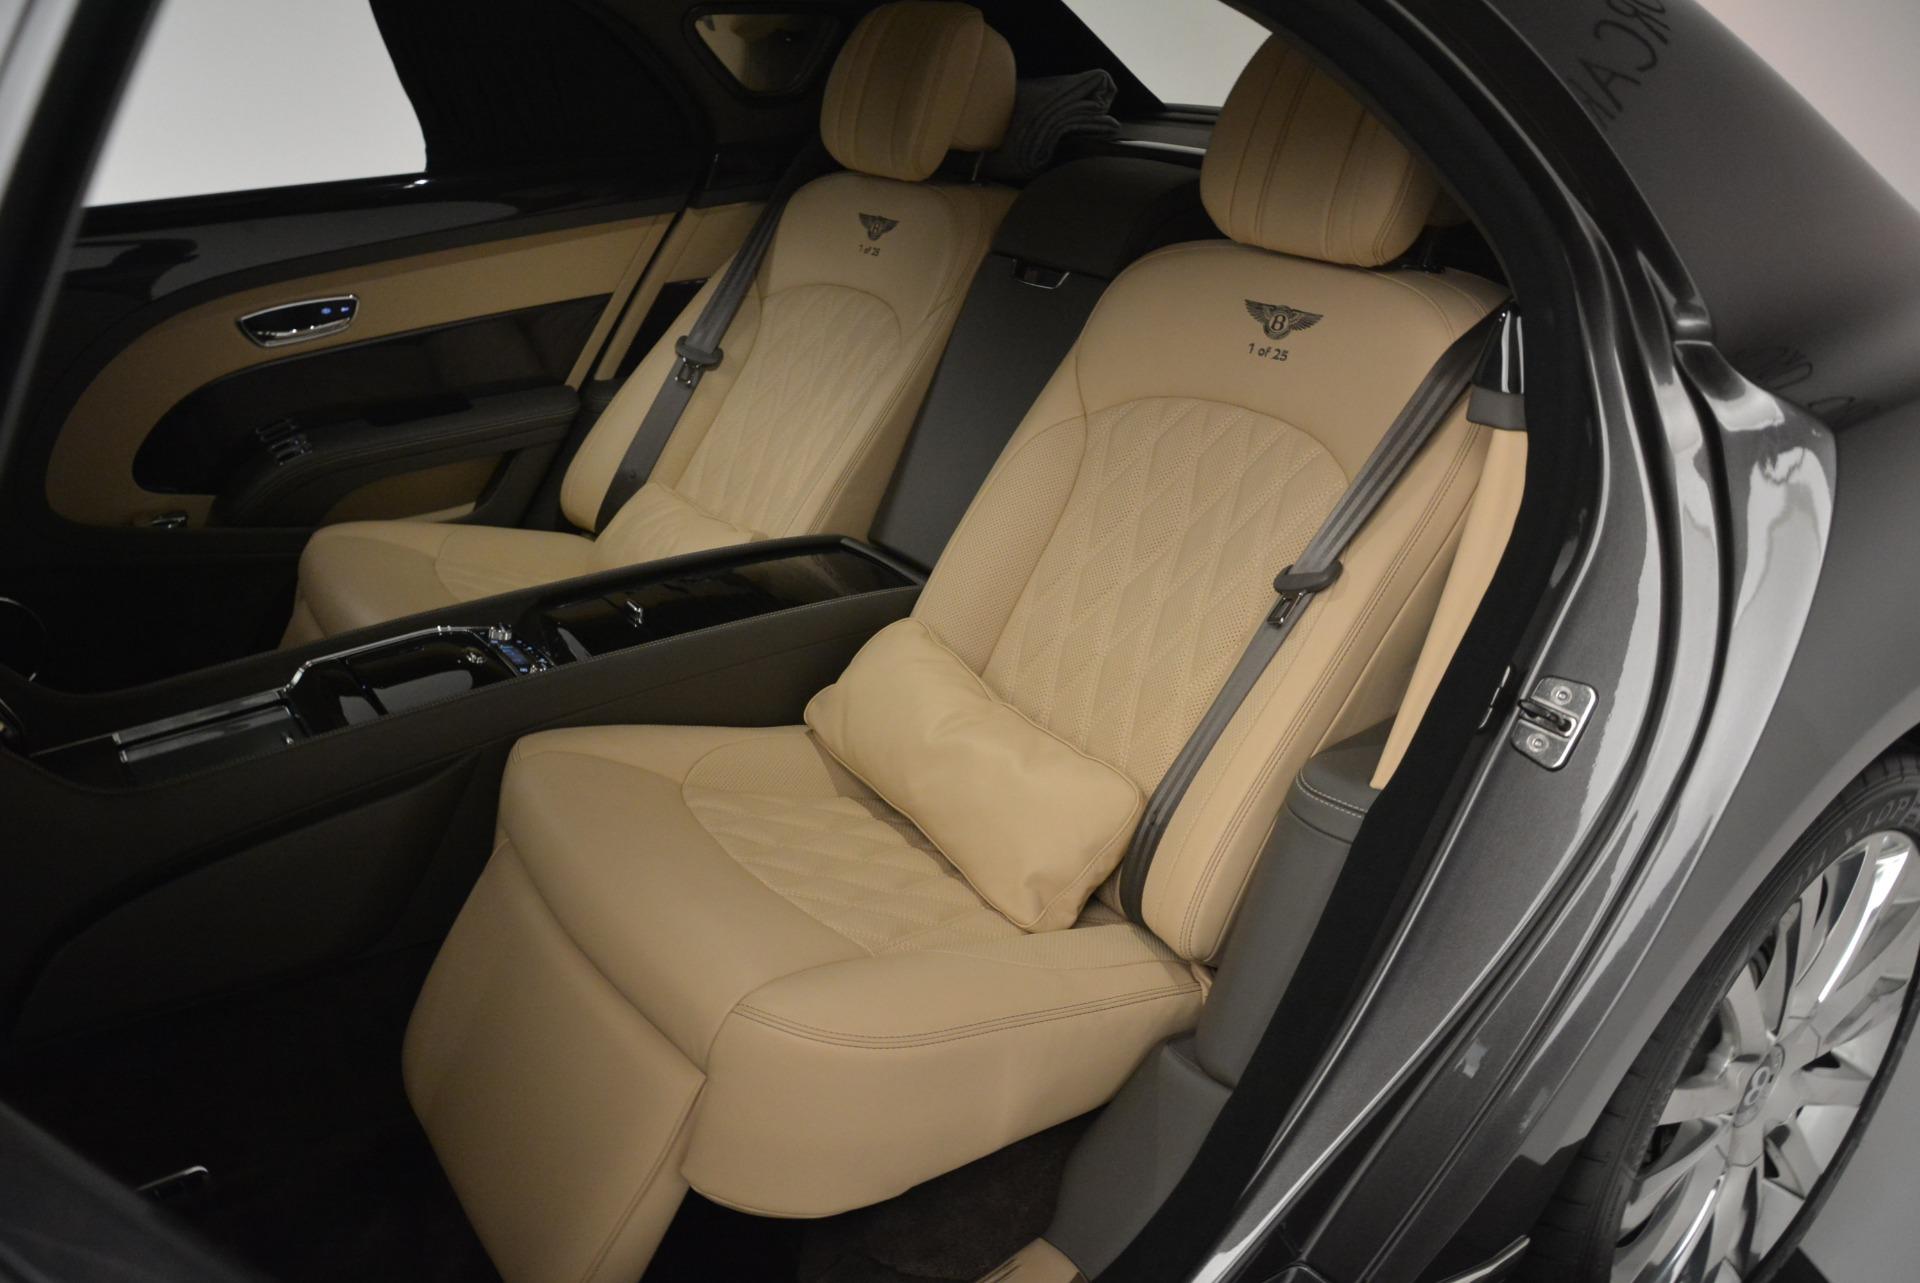 Used 2017 Bentley Mulsanne EWB For Sale In Westport, CT 1554_p19